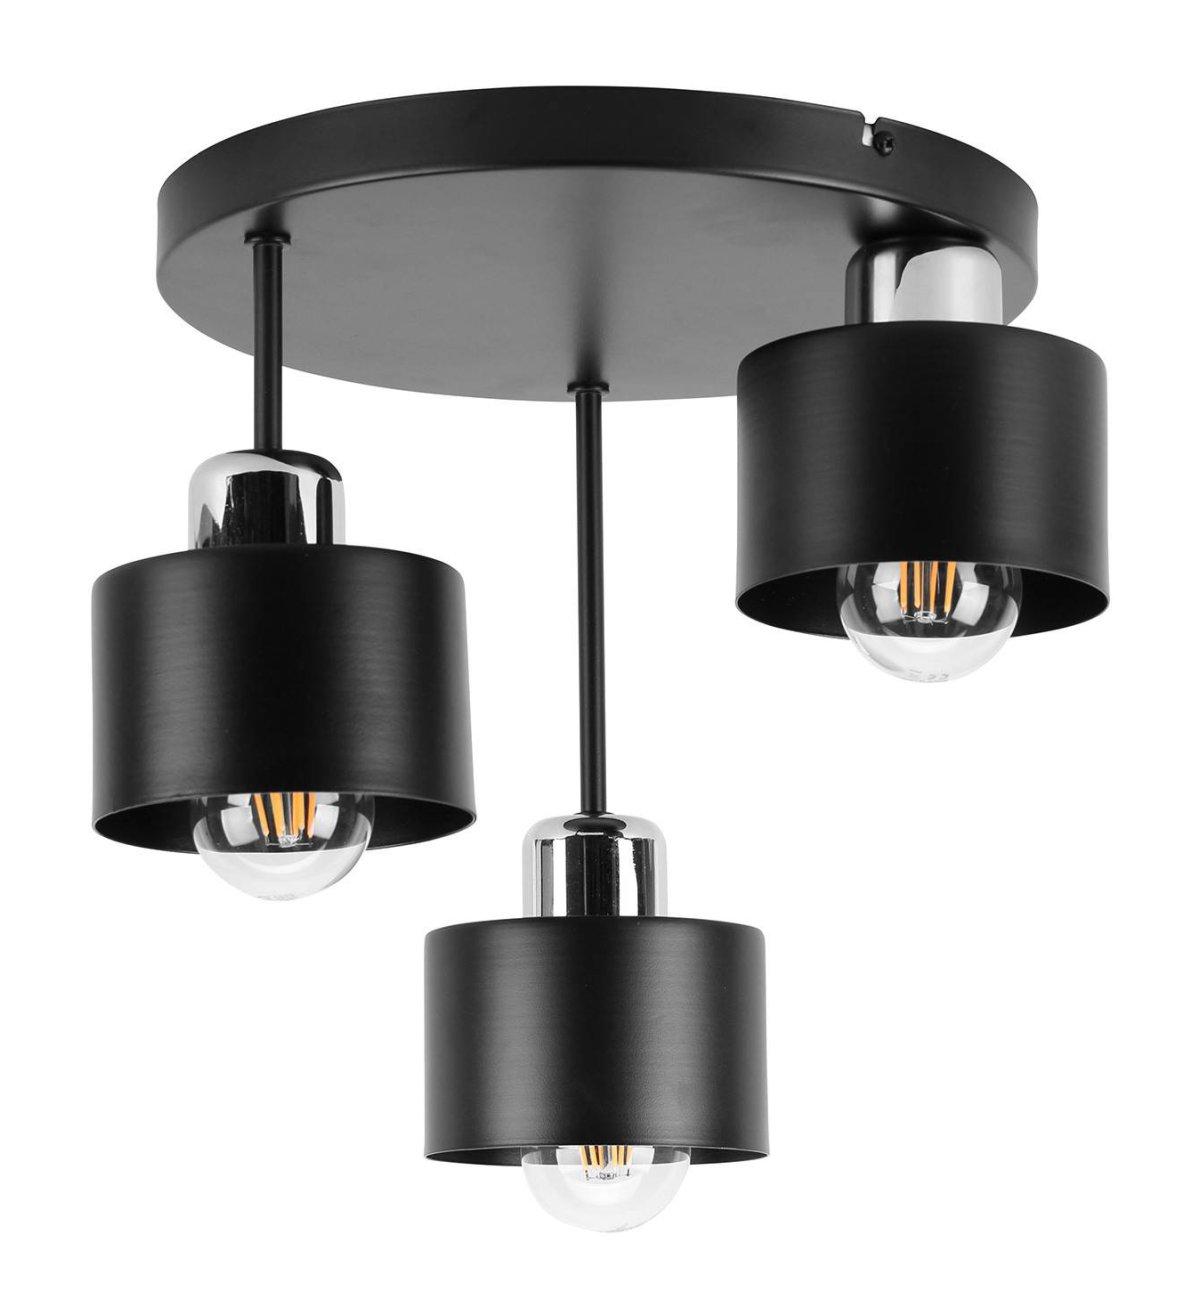 Lampa Sufitowa Metalowa Wisząca Nowoczesna Sklep internetowy Light Home